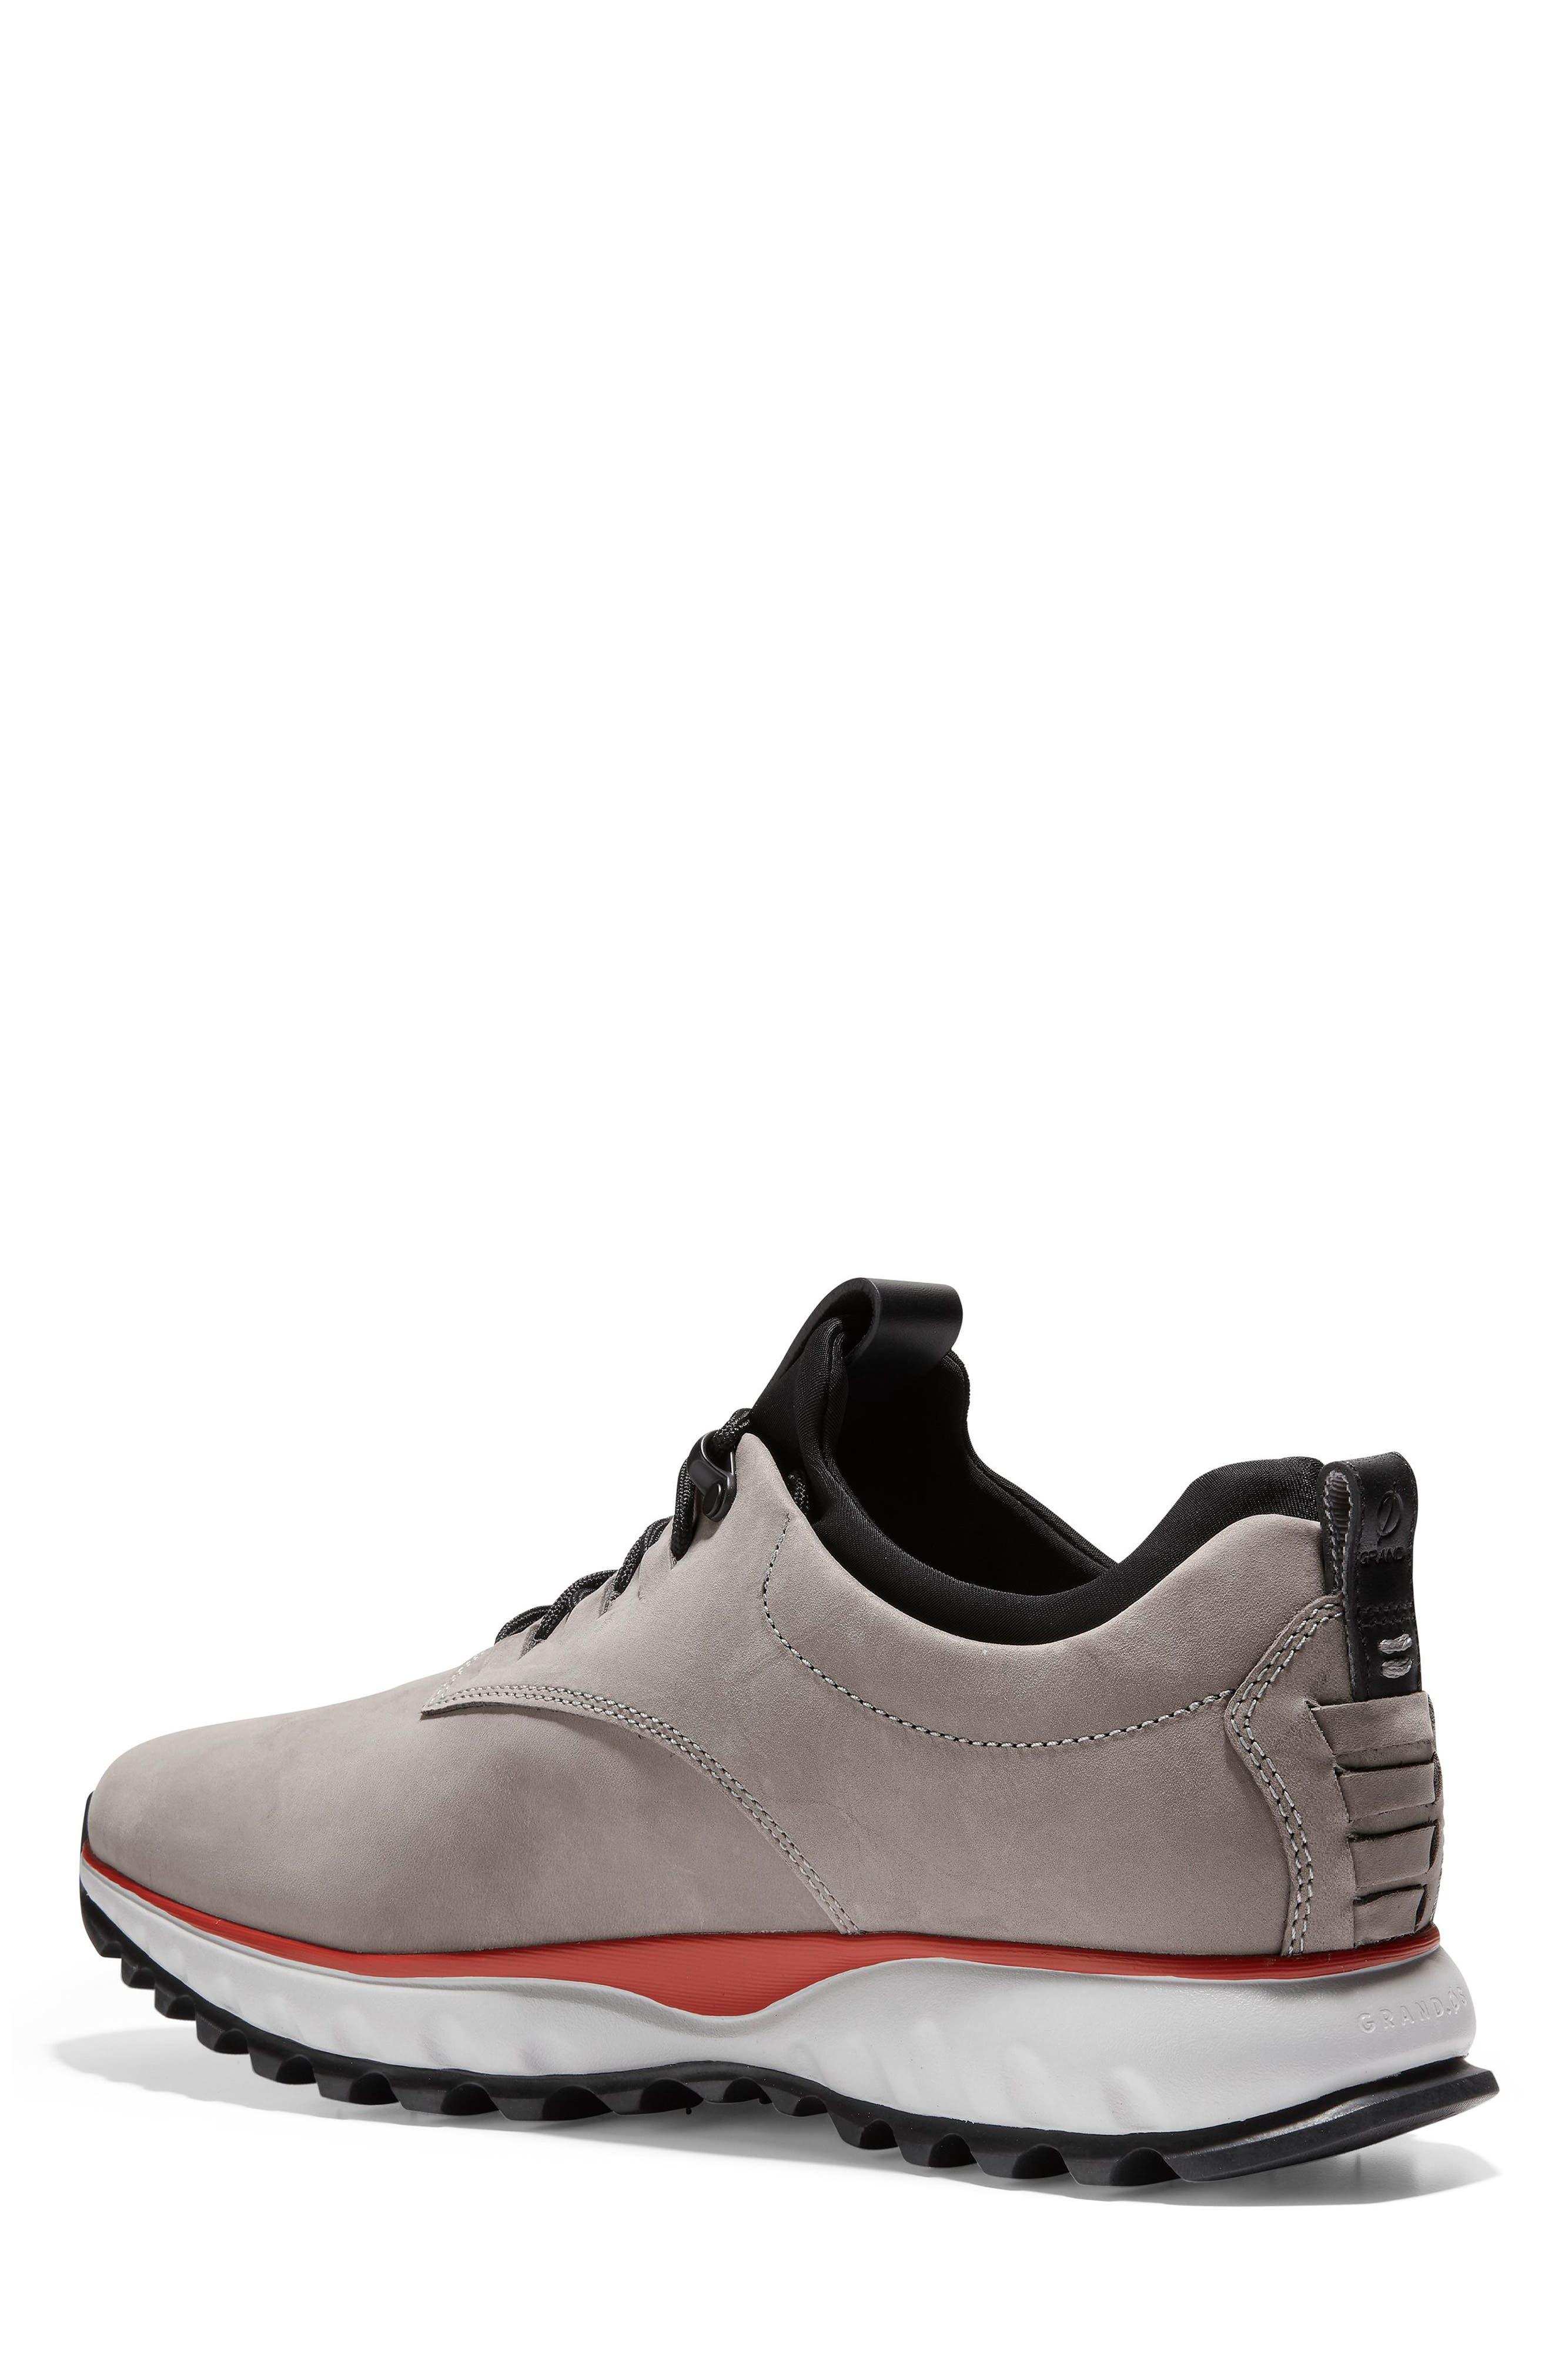 ZeroGrand Explore Sneaker,                             Alternate thumbnail 2, color,                             020